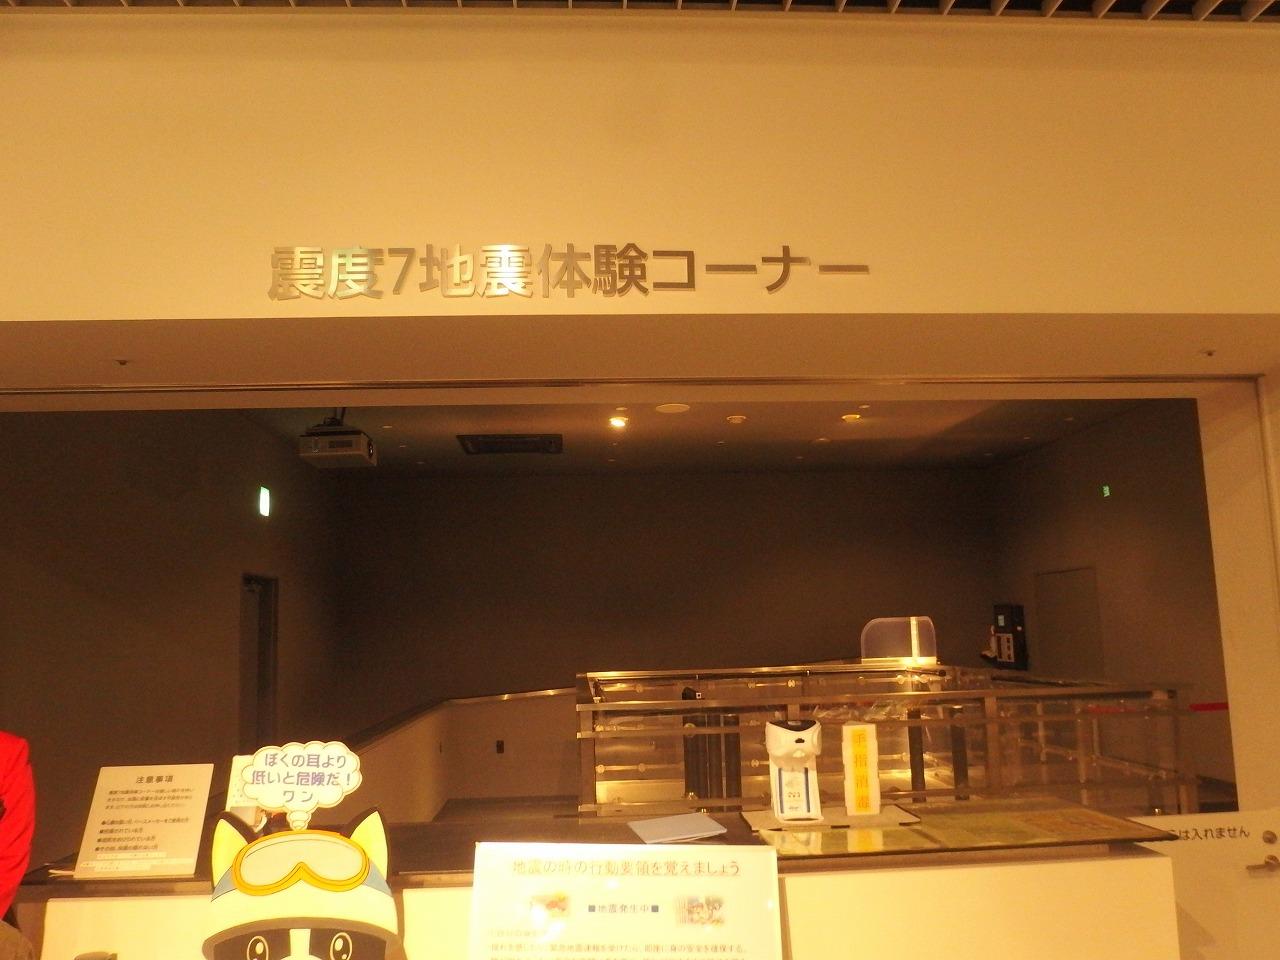 s-PA220056.jpg